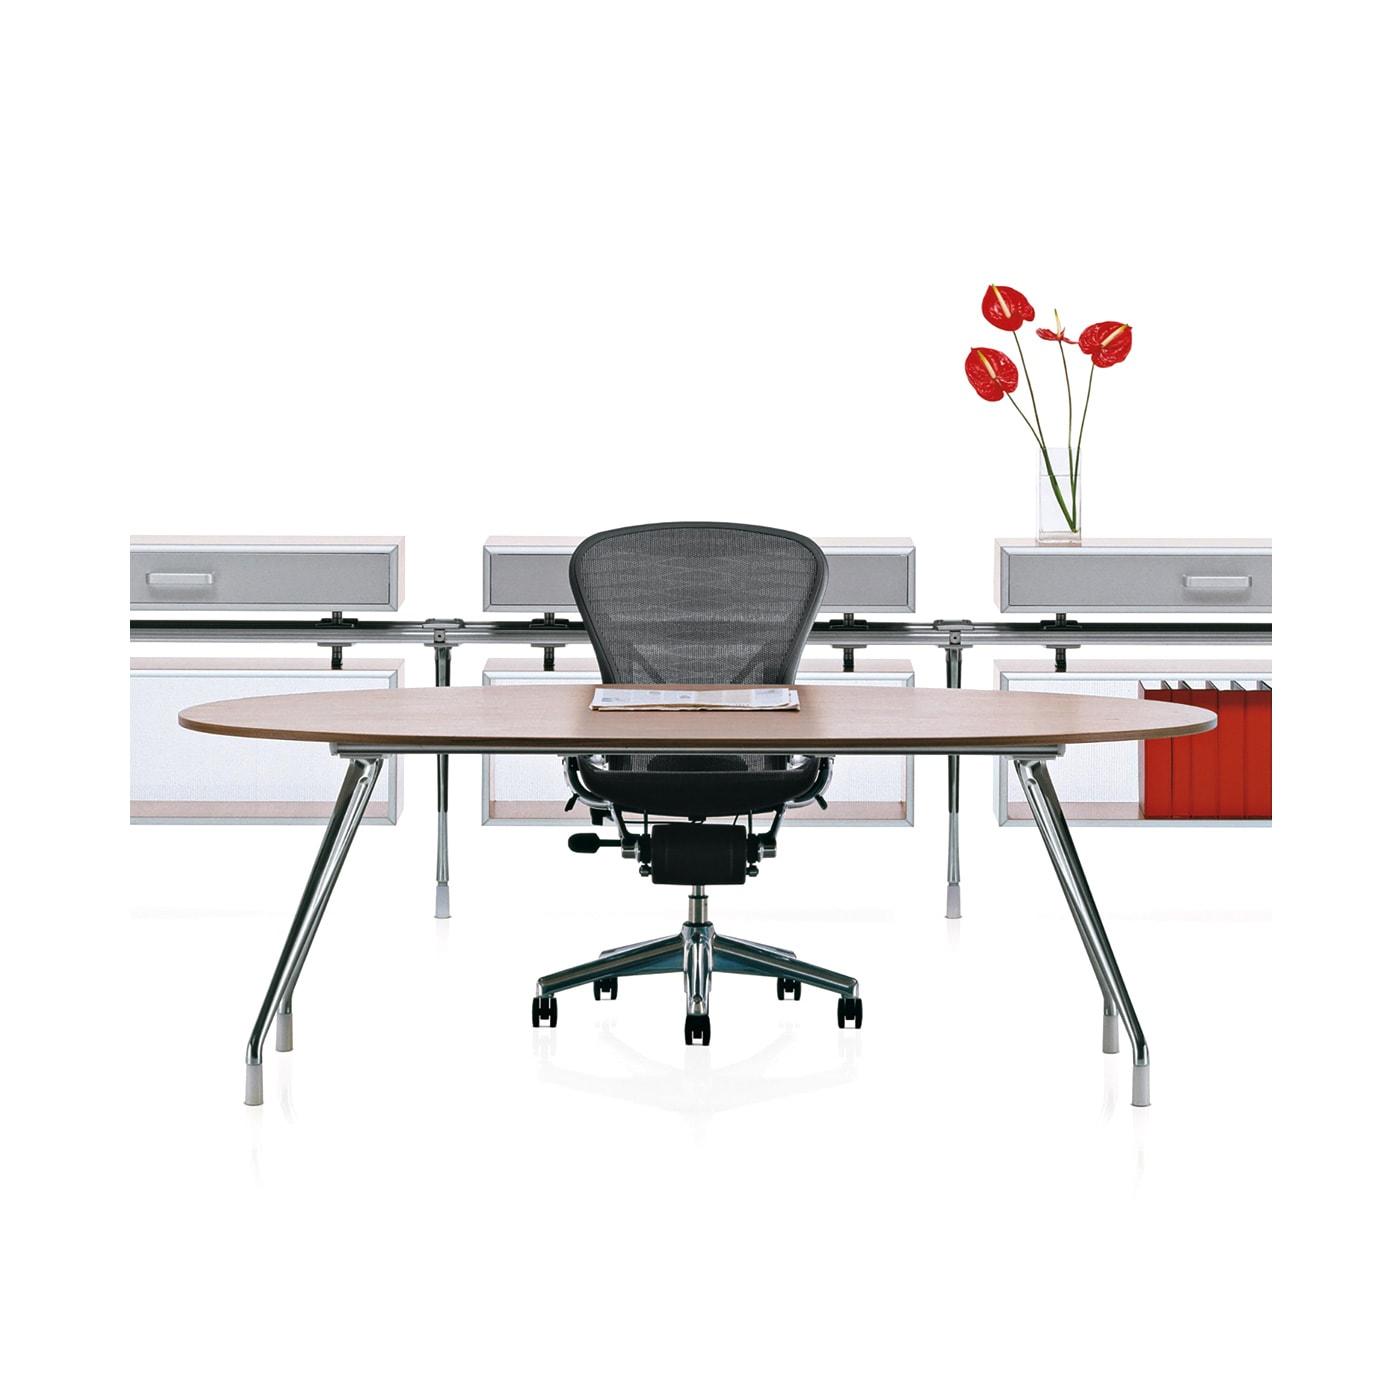 Herman Miller AbakEnvironment tavolo